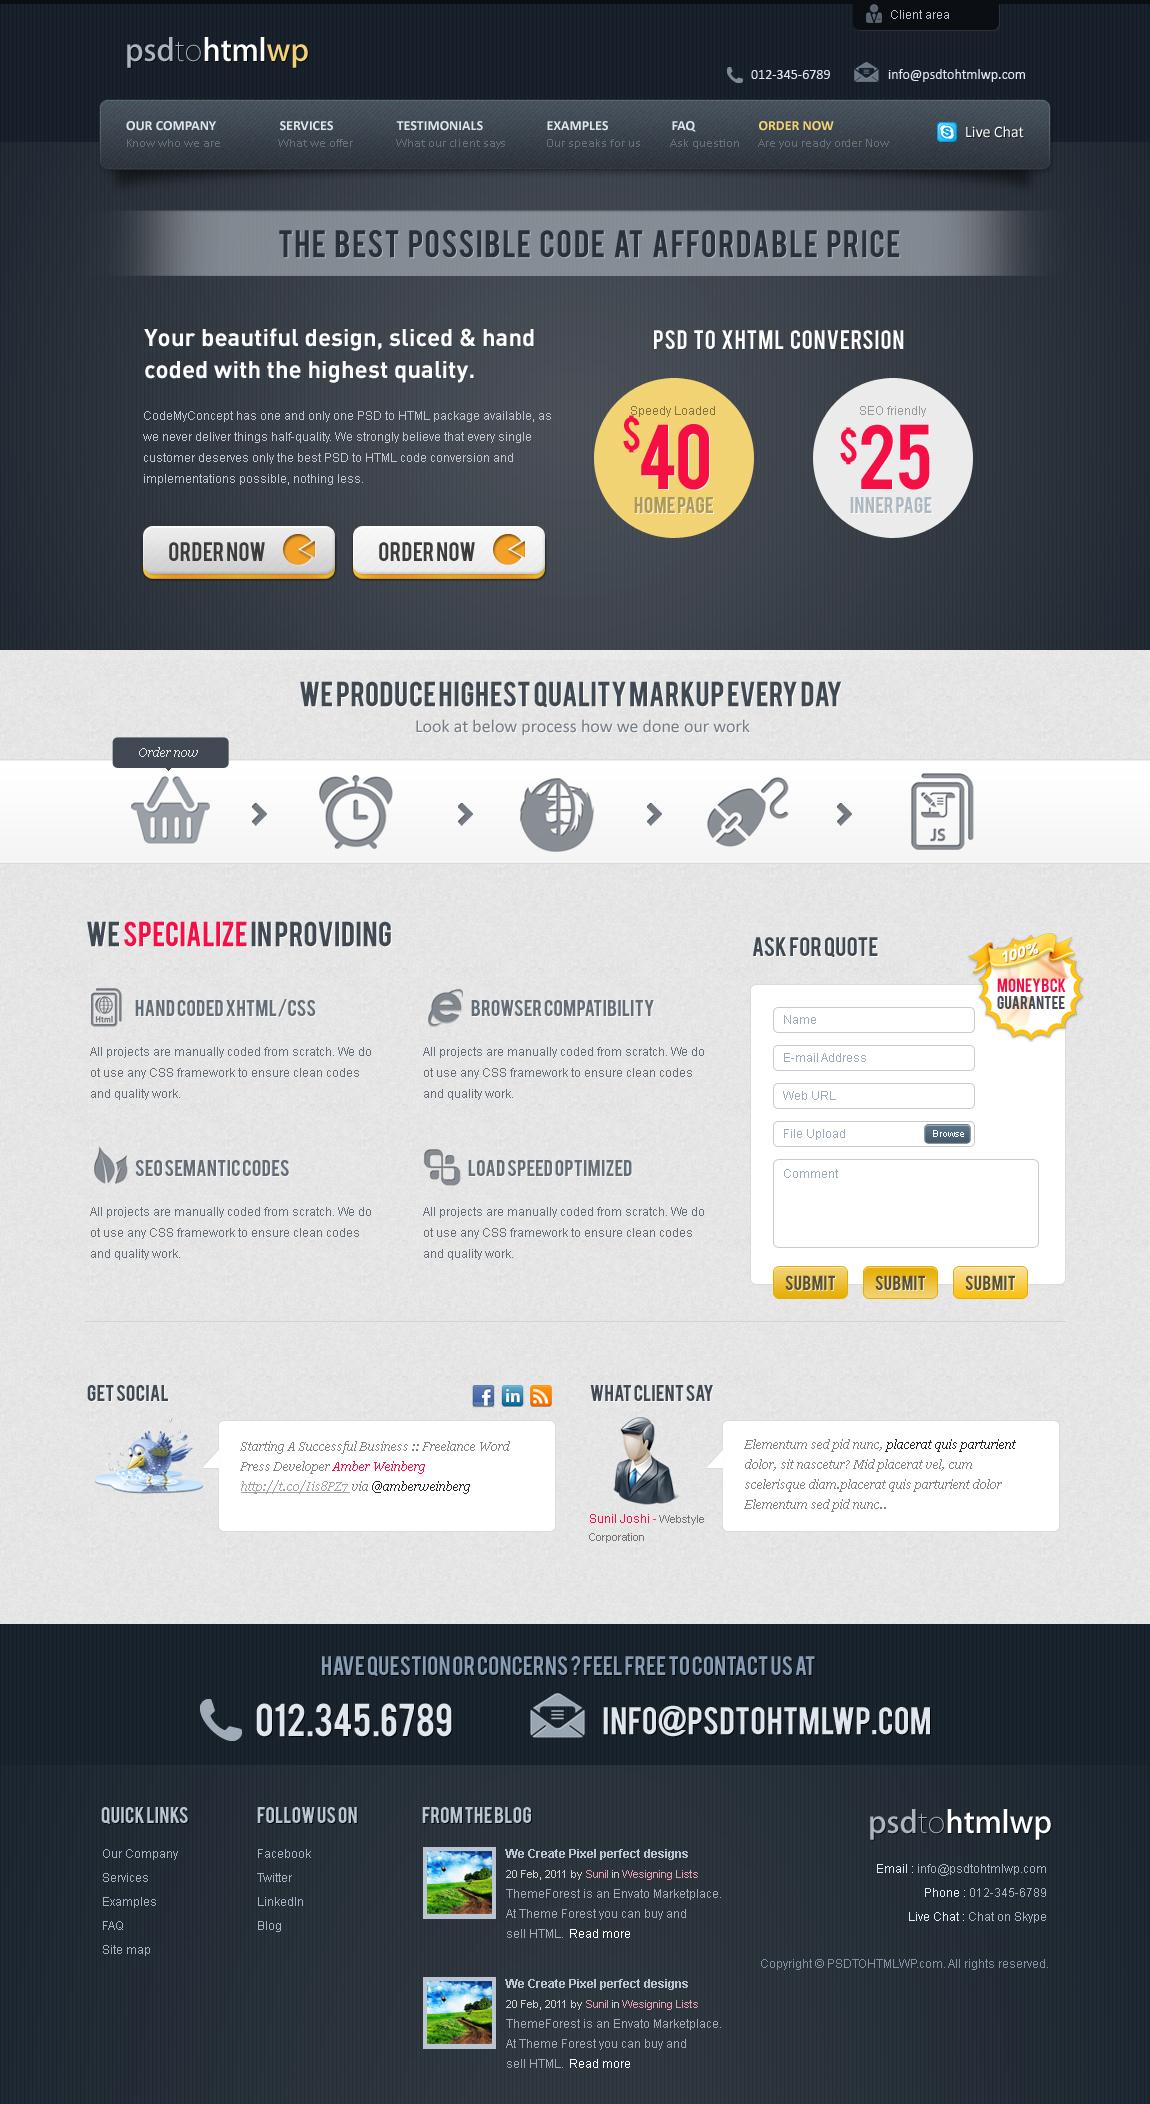 PSD to HTML WP